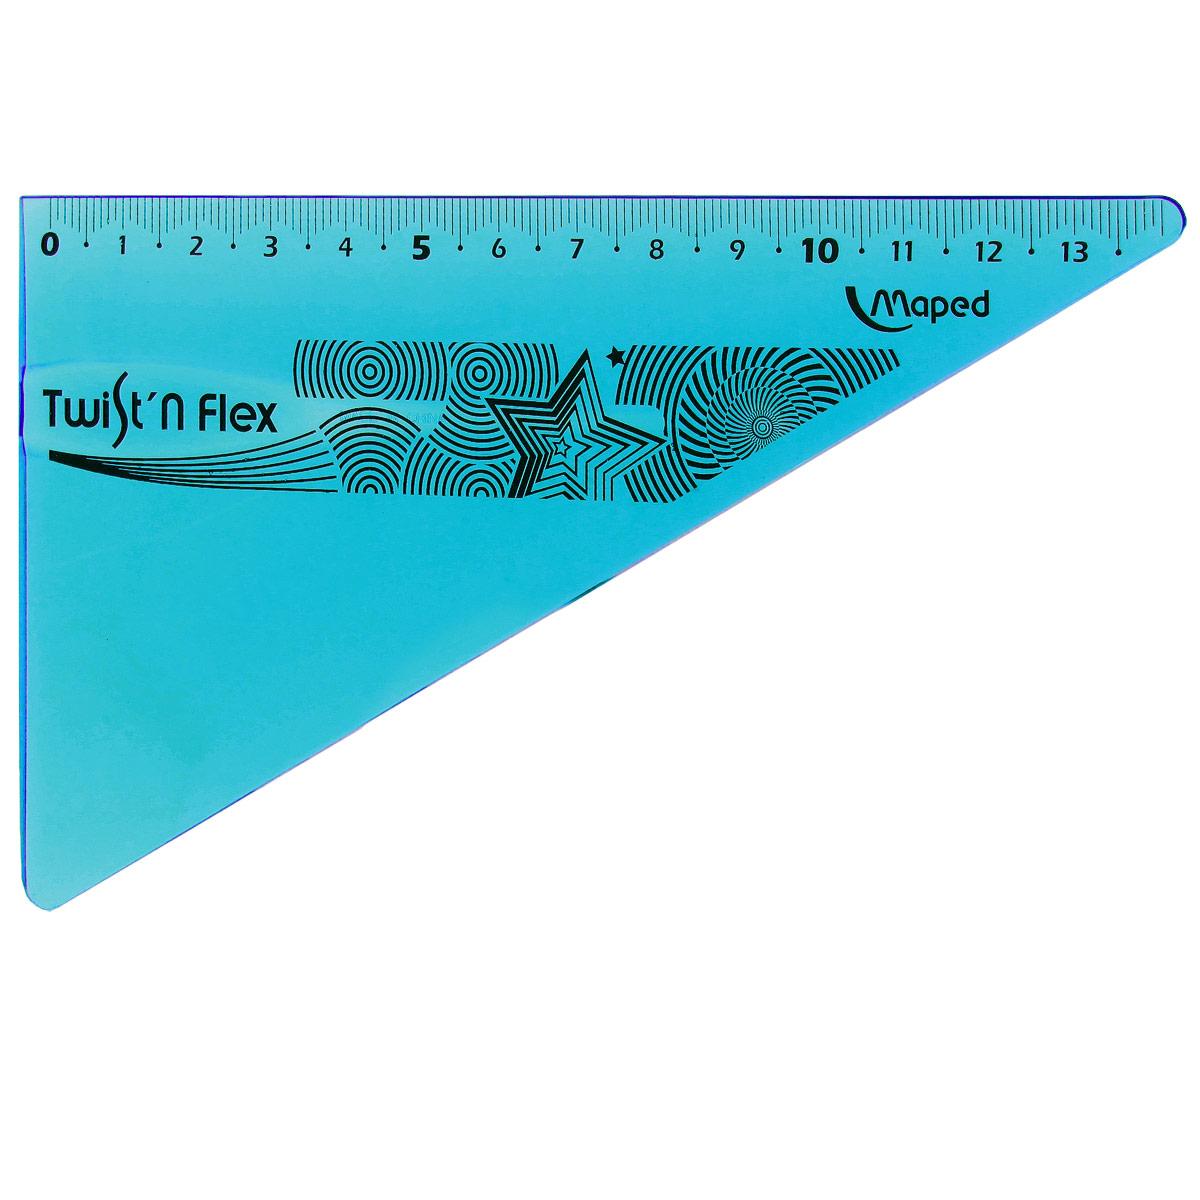 Угольник Maped Twist-n-Flex, неломающийся, 14 см, цвет: синий279410_синийГибкий неломающийся угольник Maped - это не только необходимый в учебе предмет, но и легкий способ привлечь ребенка к процессу обучения. Выполнен из прозрачного цветного пластика с ровной четкой миллиметровой шкалой делений до 14 см. Характеристики: Длина: 14 см.Угол: 60 градусов. Характеристики: Длина: 14 см. Угол: 60 градусов.